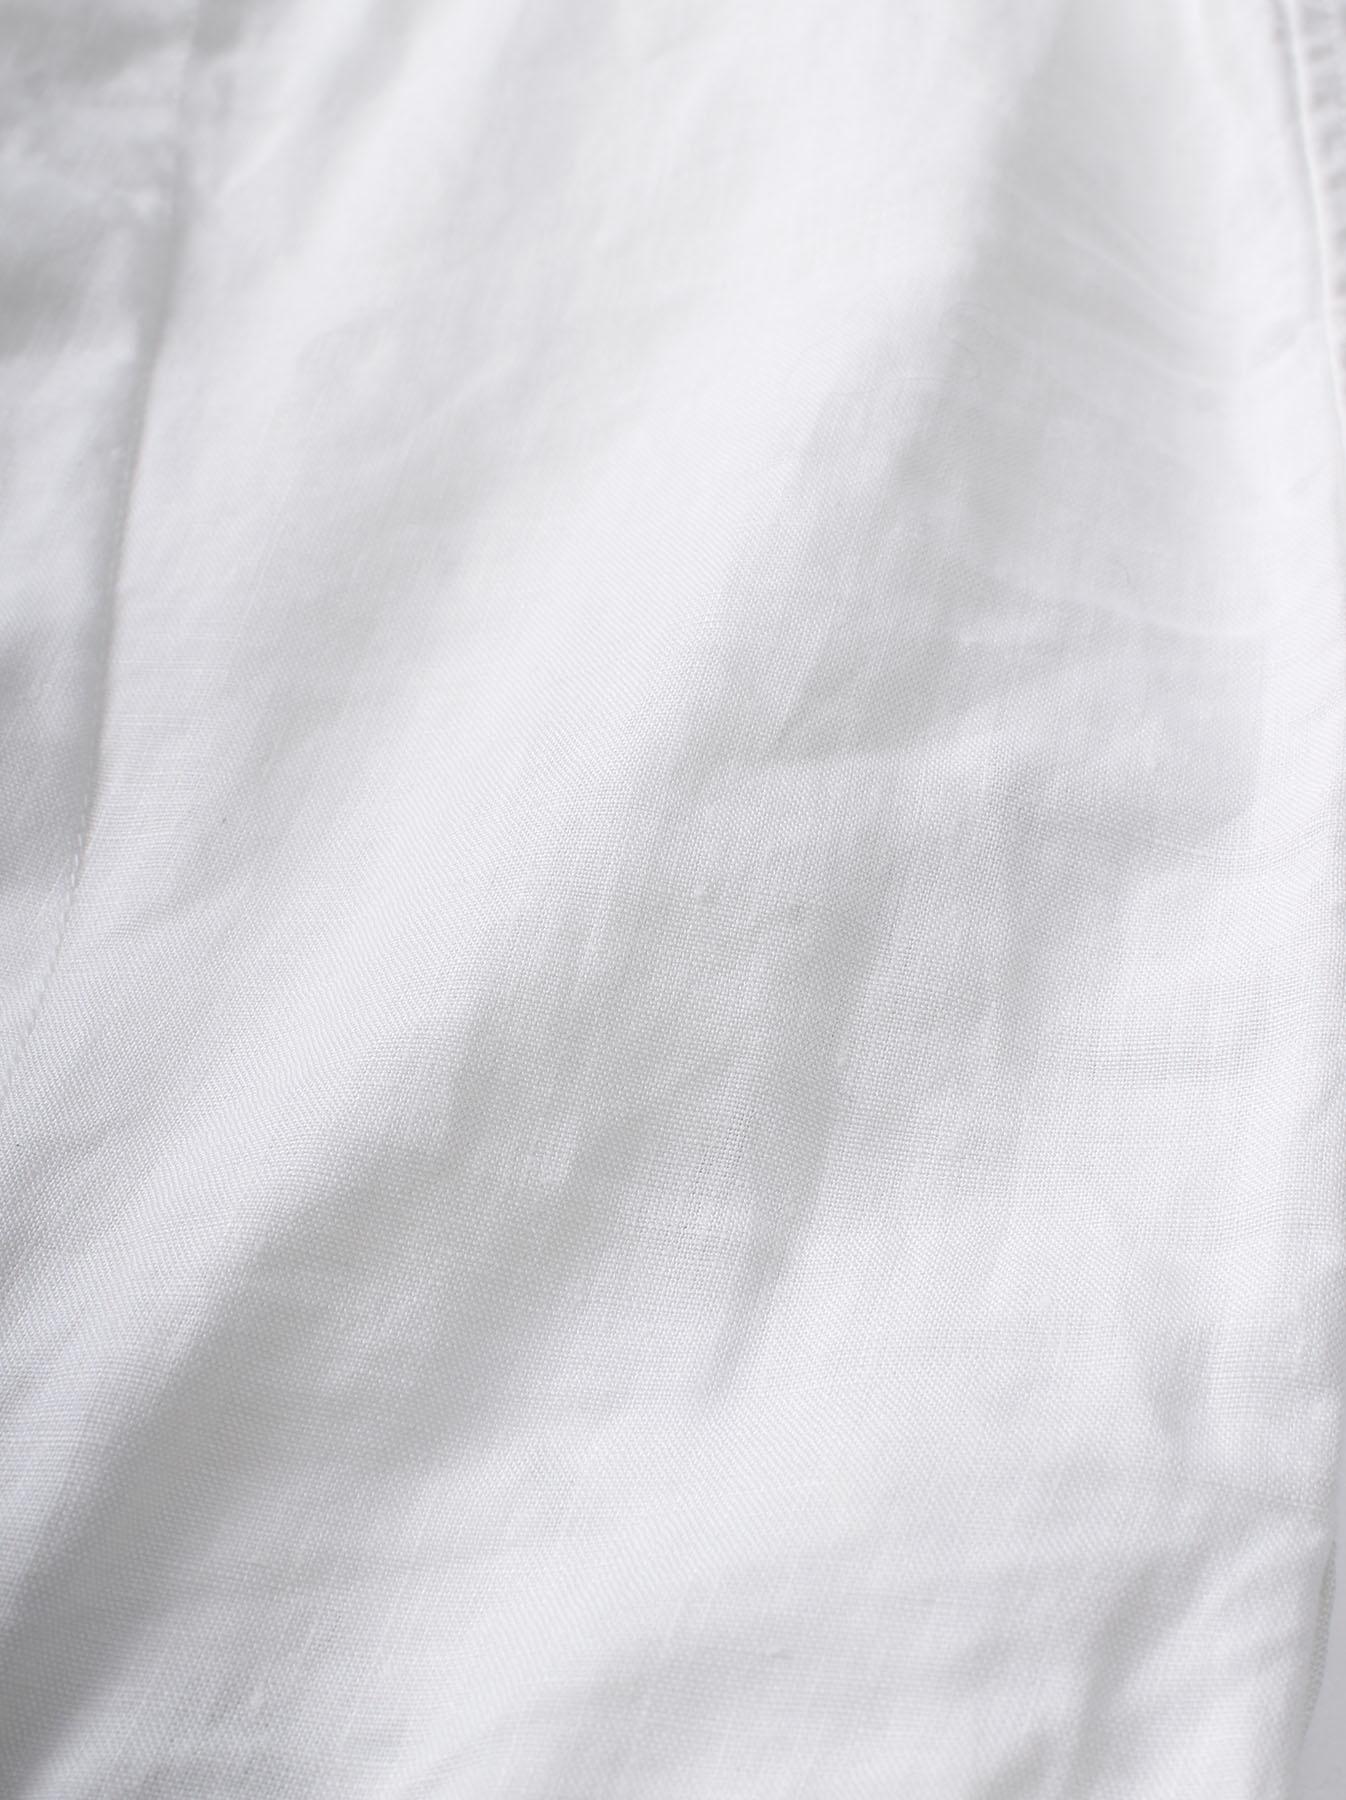 WH Linen Sleeveless Tuck Blouse-12